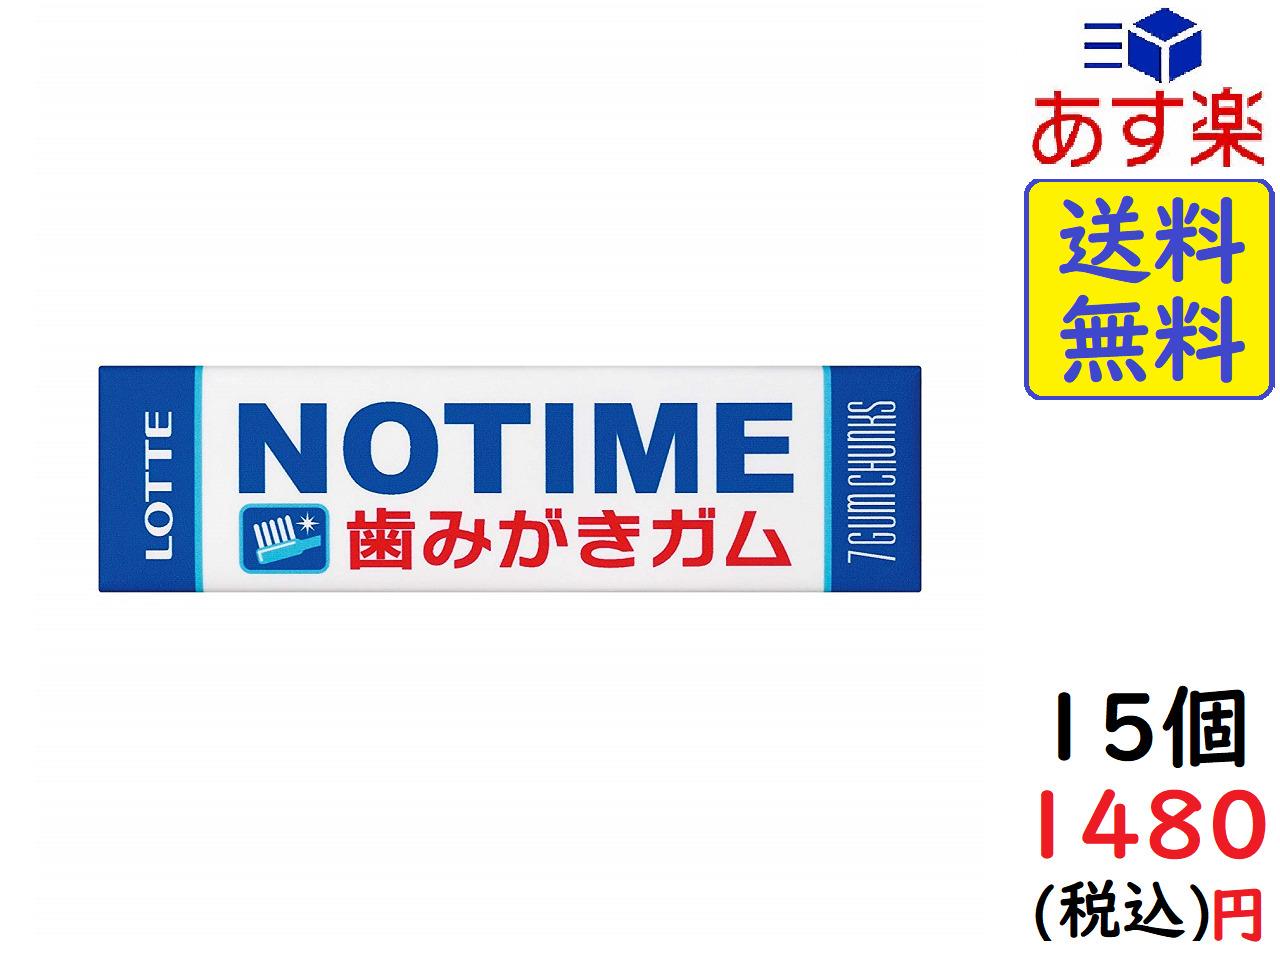 倉 送料無料 スーパーセール期間限定 あす楽対応 ポスト投函 ノータイムガム ロッテ 7個×15個